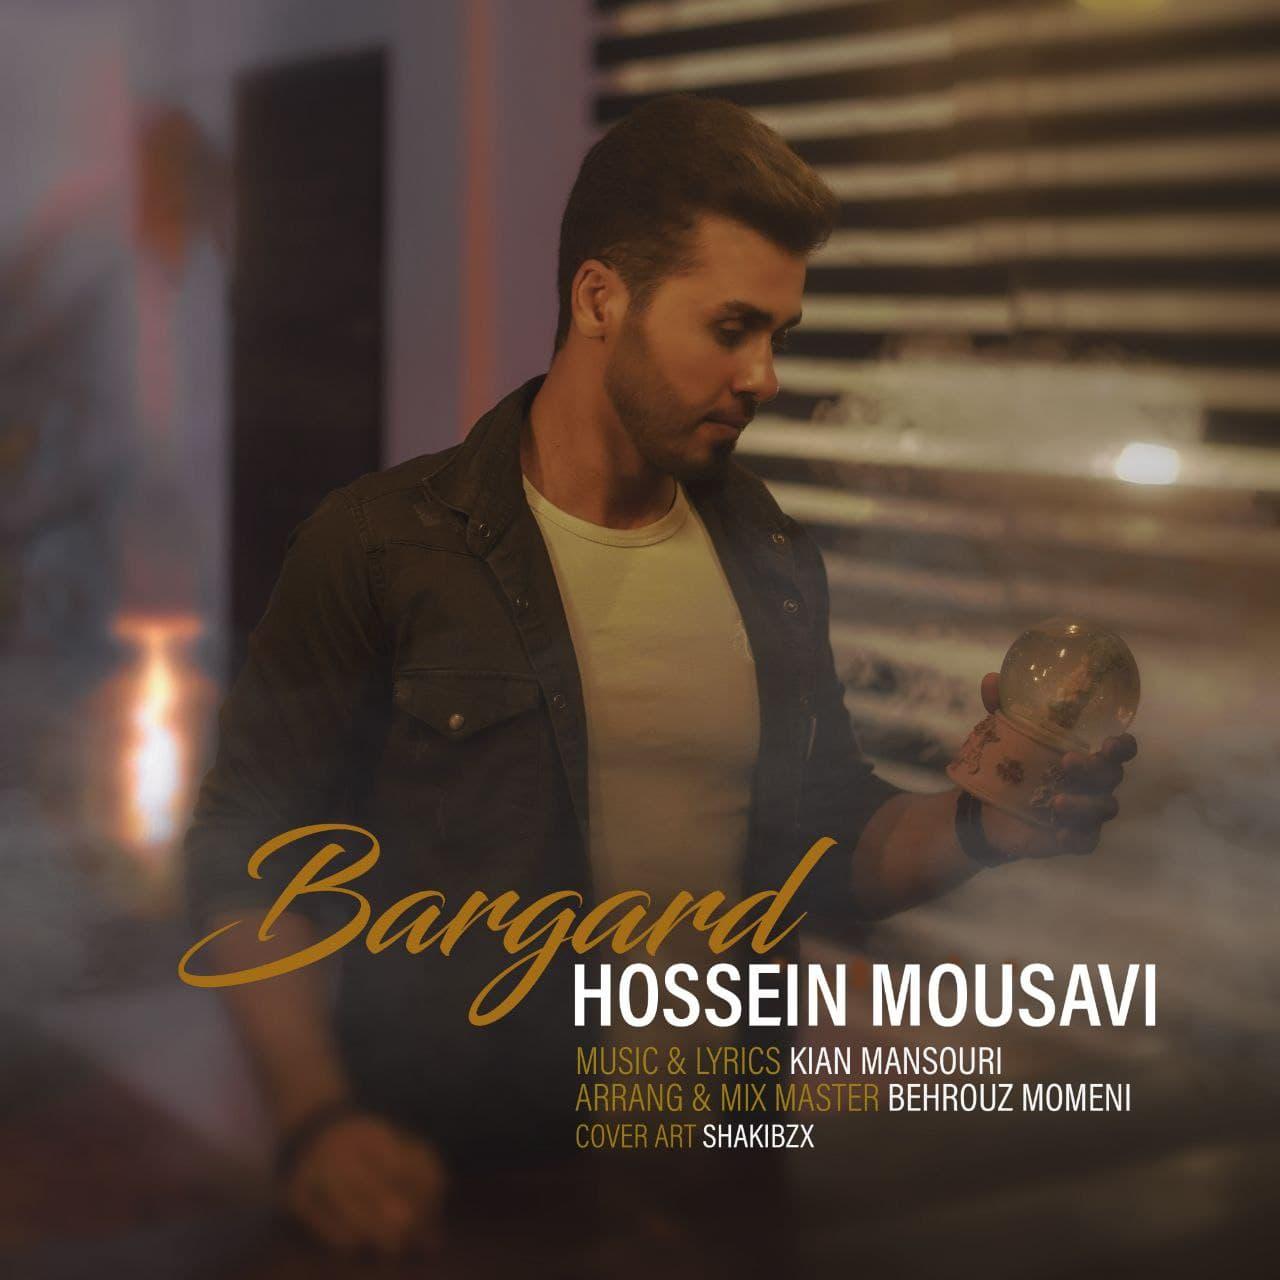 دانلود موزیک جدید برگرد از حسین موسوی